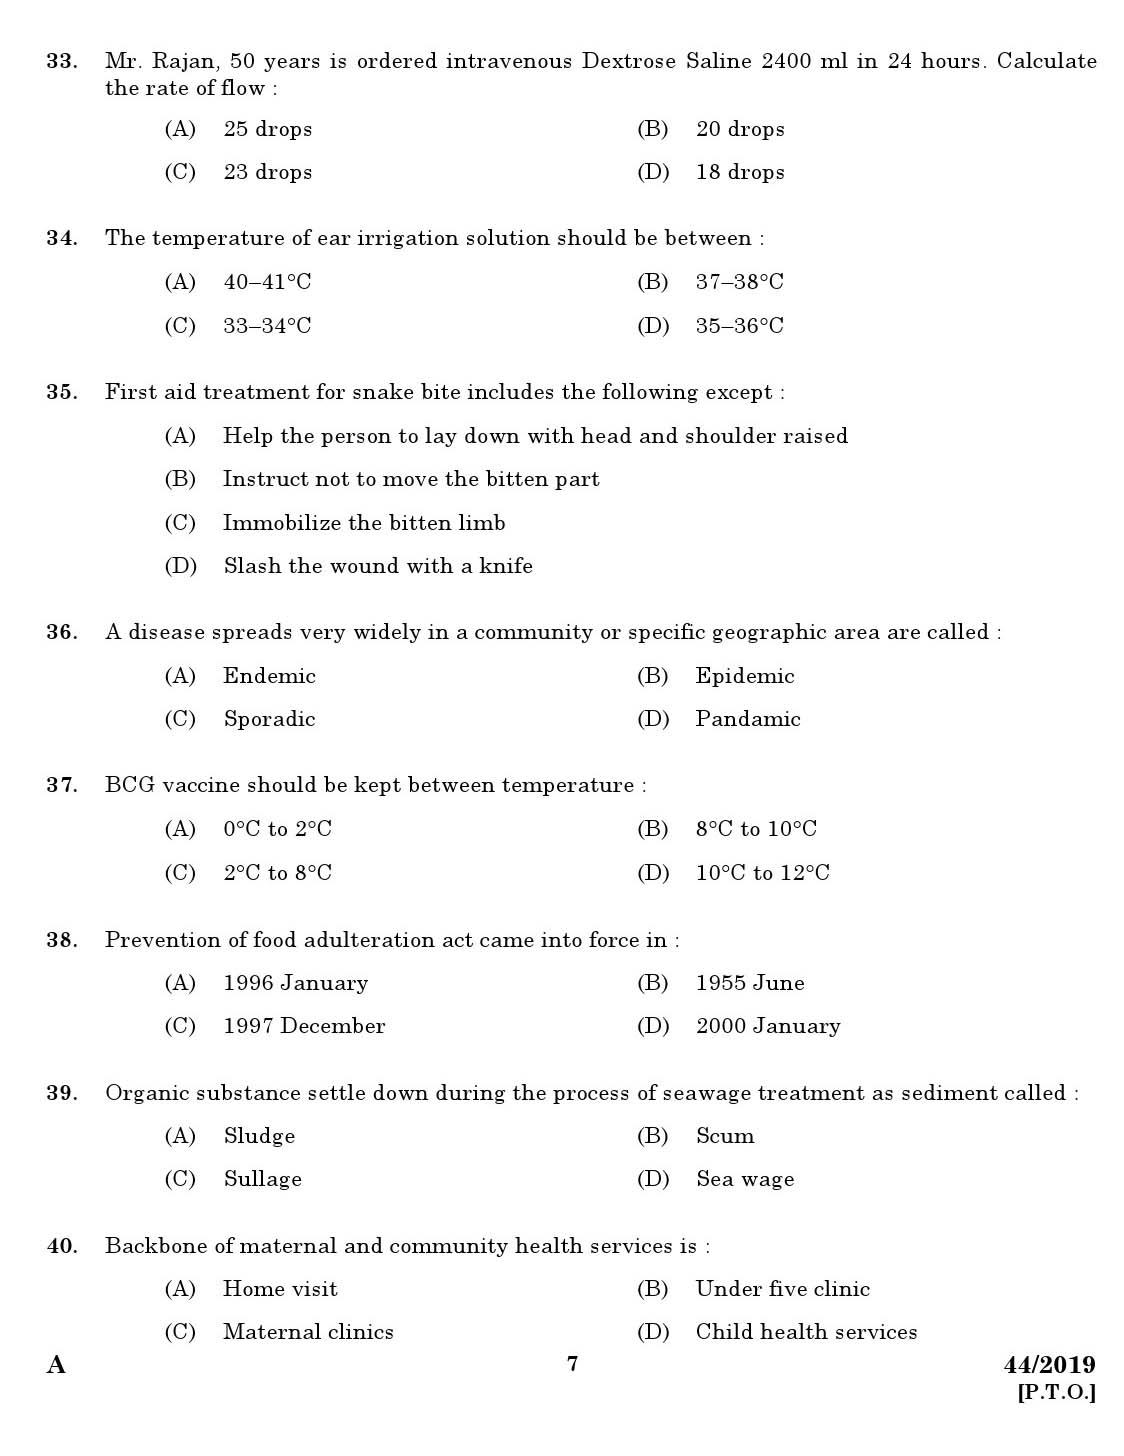 Kerala PSC Nurse Grade II  Kerala PSC Exam Previous Question paper 44/2019